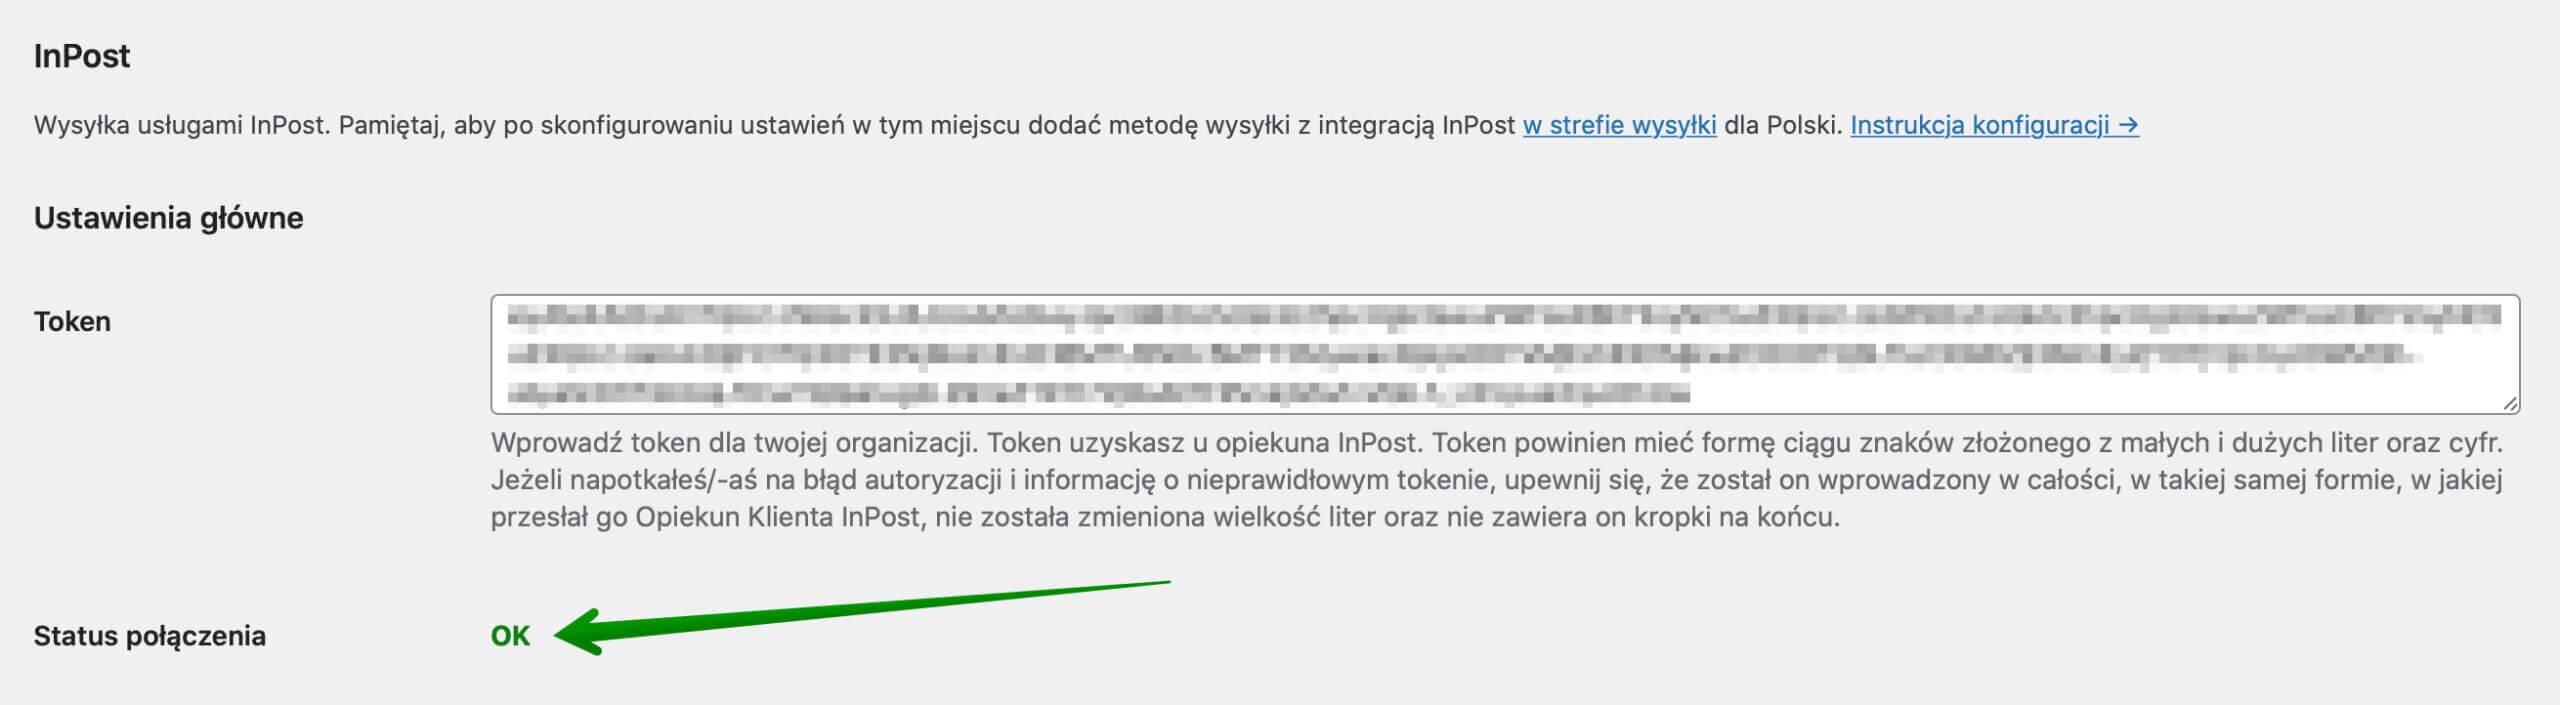 InPost WooCommerce - Status połączenia z API OK